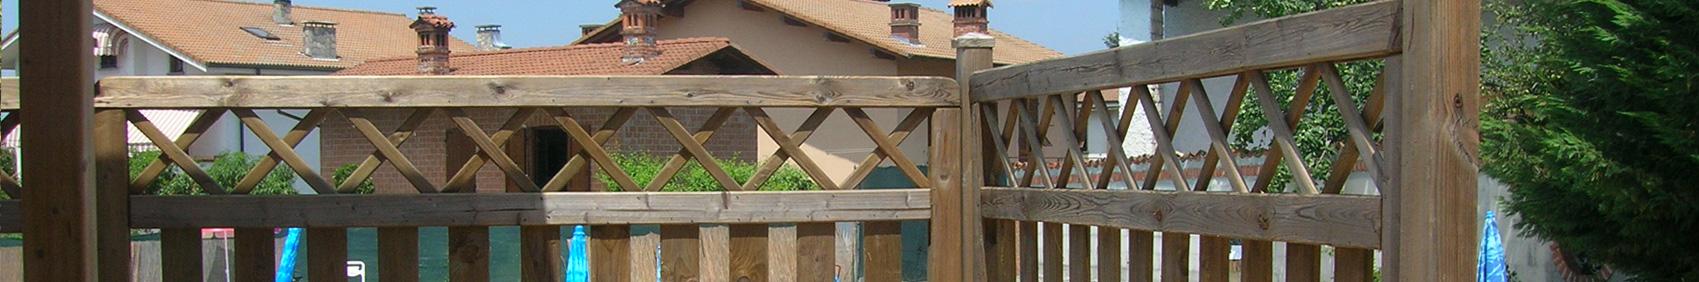 Steccati e recinzioni in legno fai da te onlywood for Portabottiglie leroy merlin